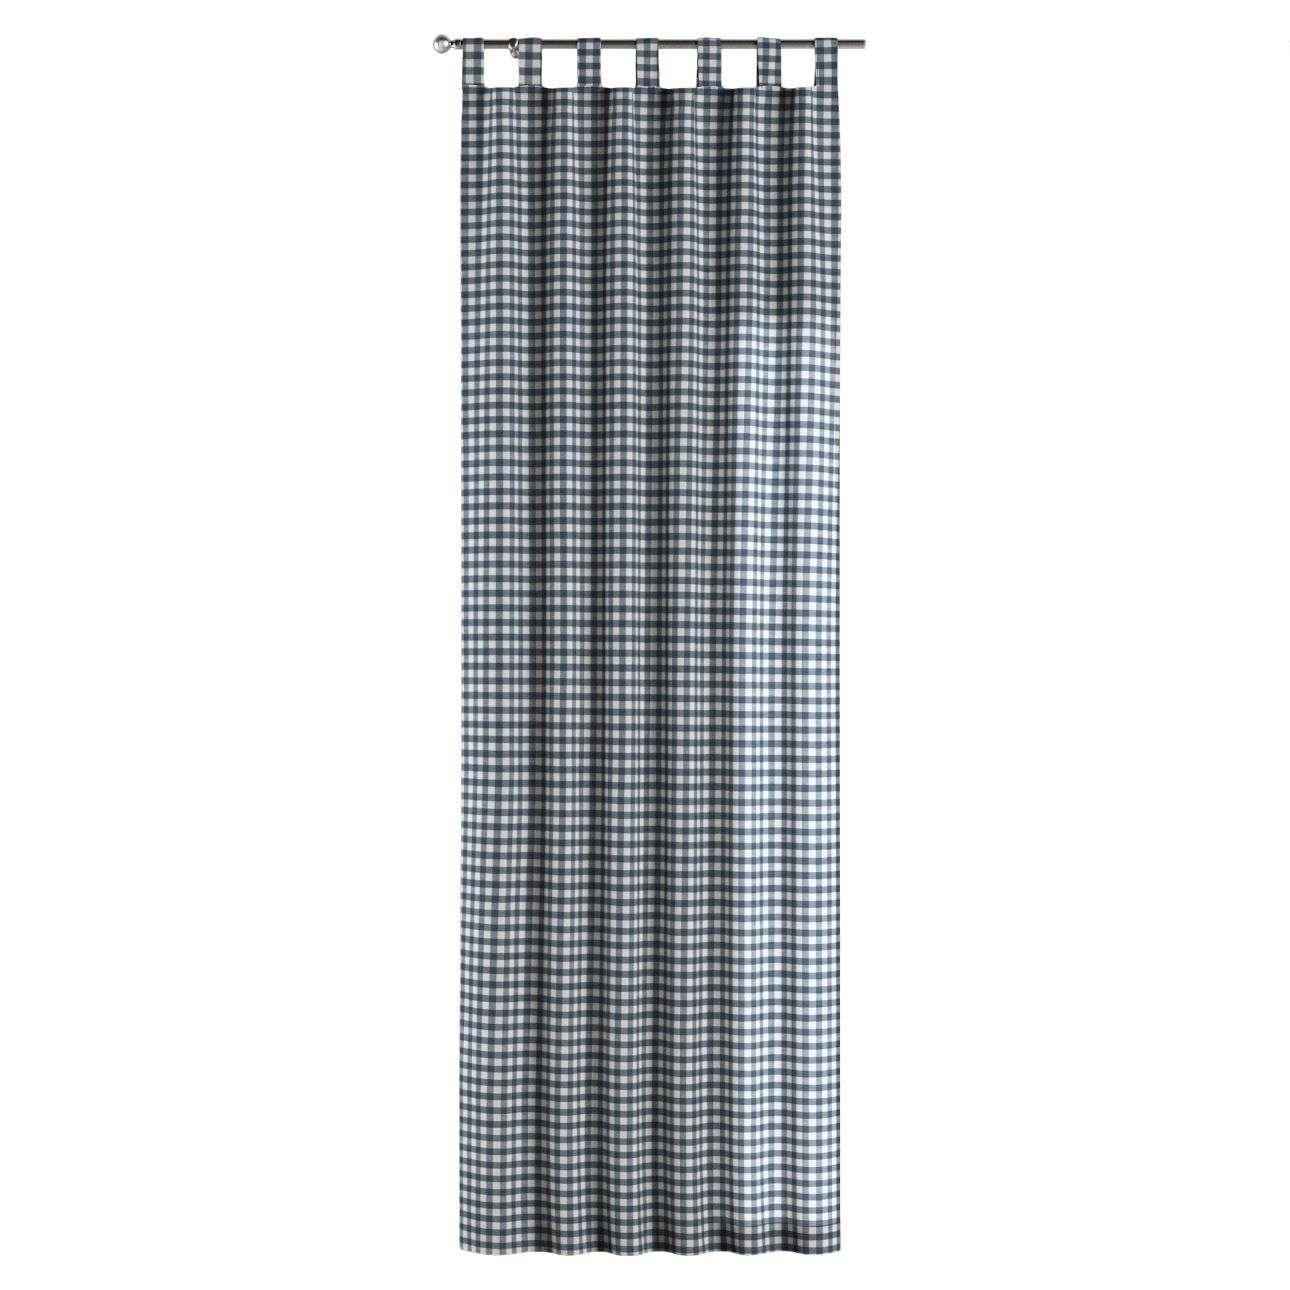 Závěs na poutka 130 x 260 cm v kolekci Quadro, látka: 136-01